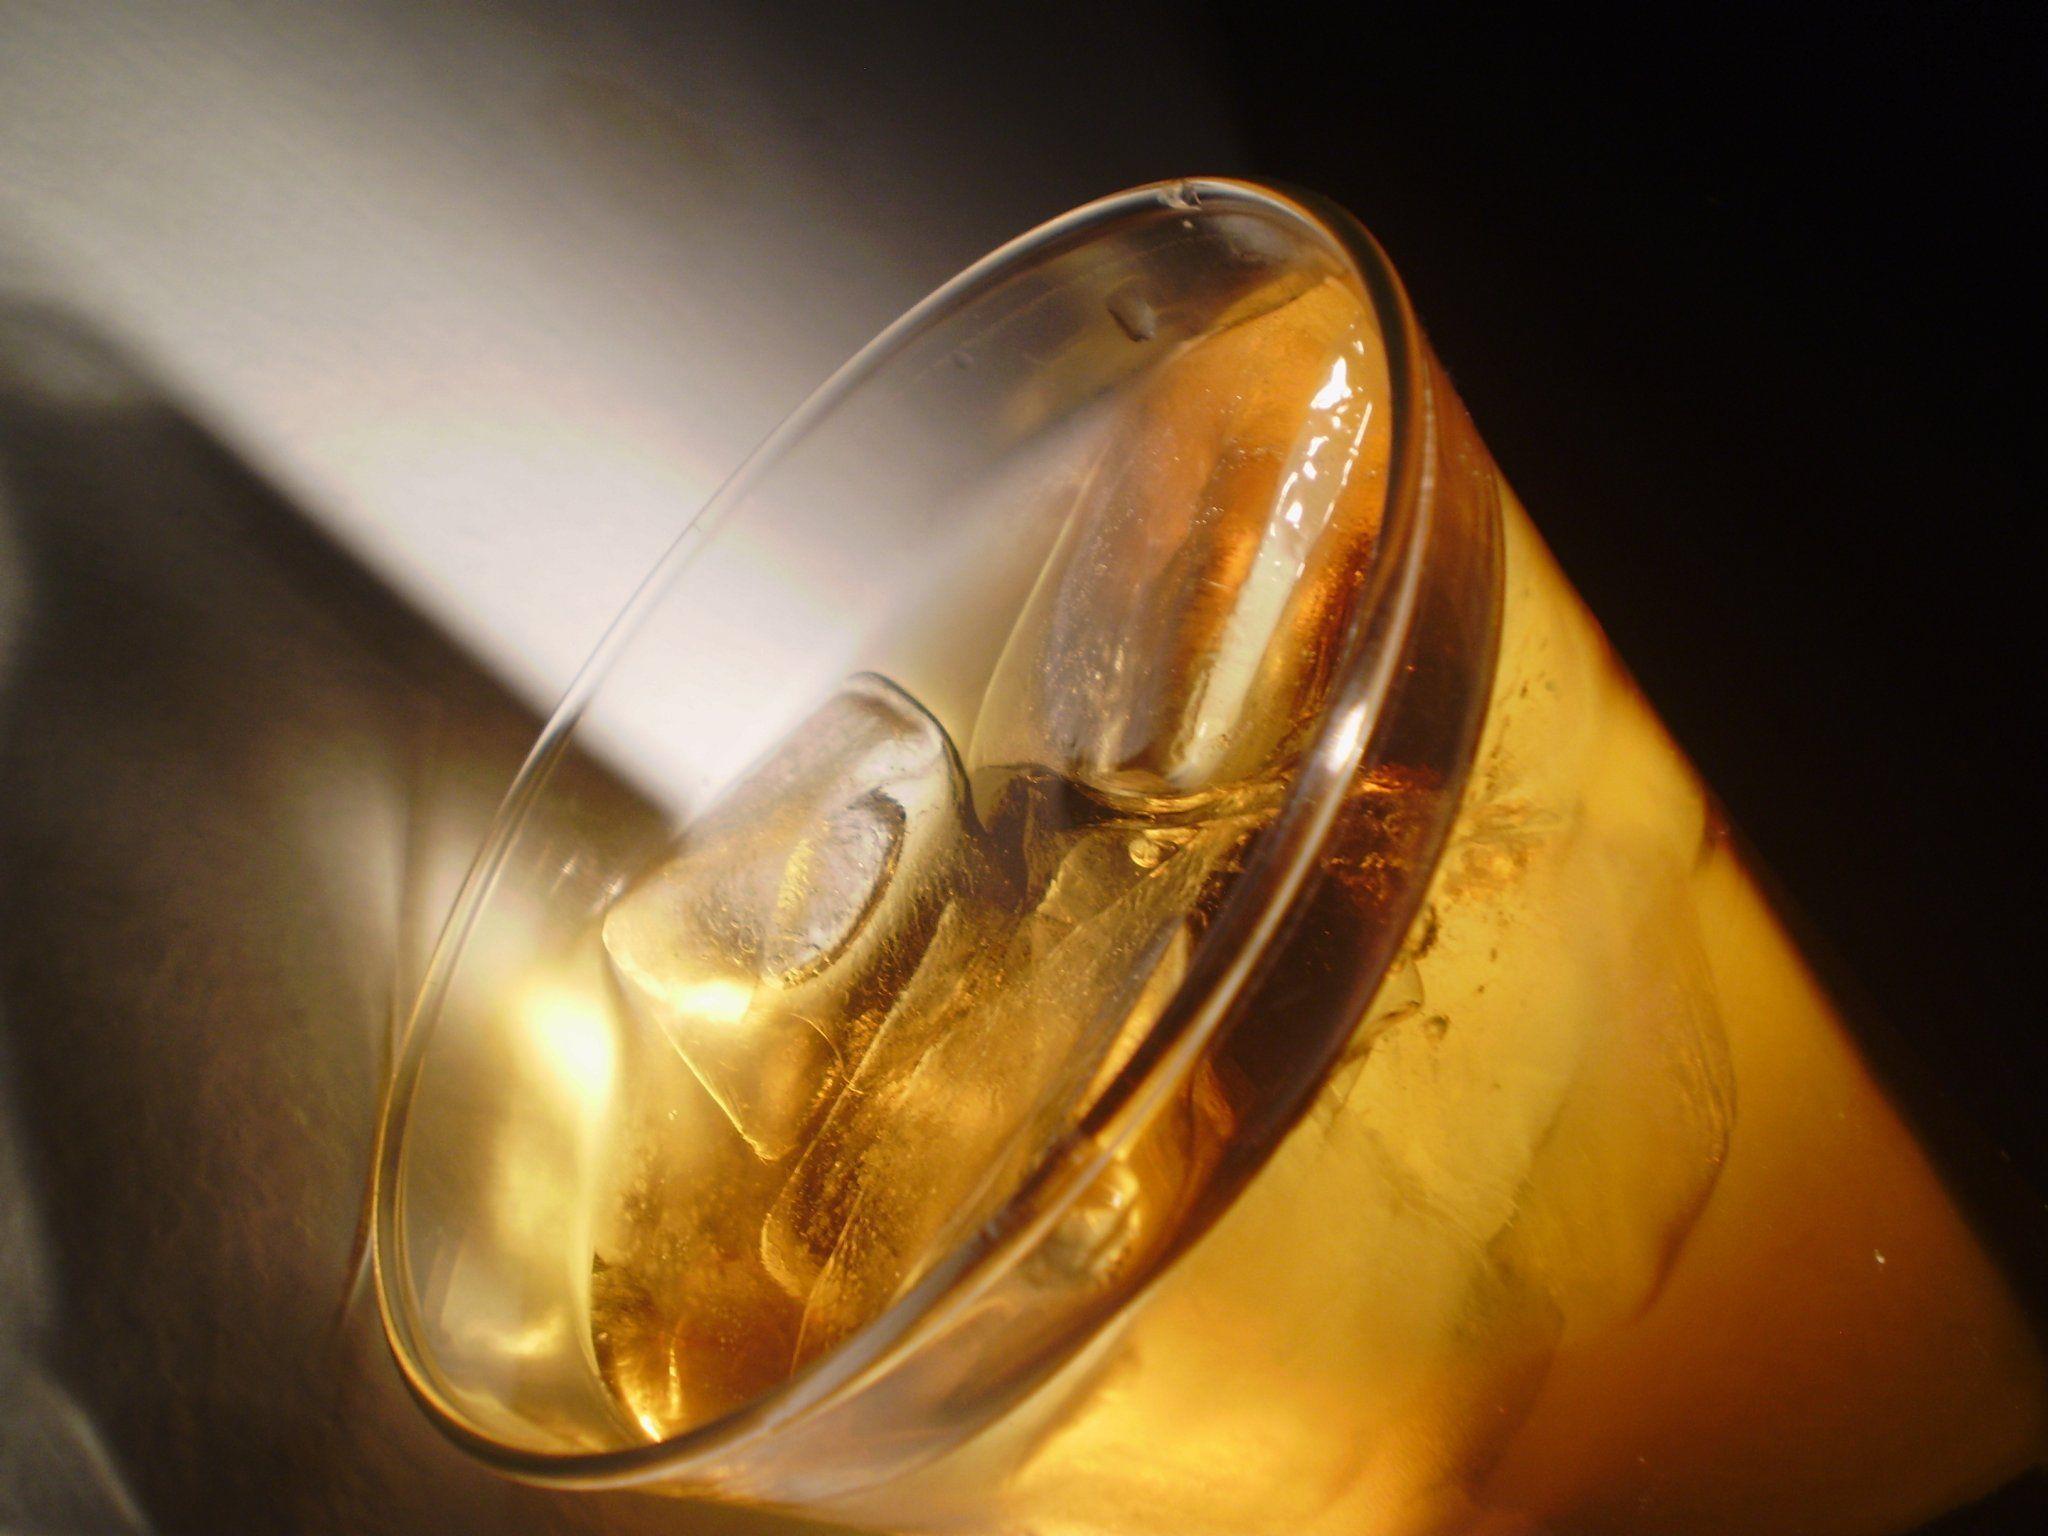 Reiner Apfelsaft wurde im Test auf vier Teelöffel Zucker pro gezeigter Einheit geschätzt, er enthält jedoch das Doppelte.